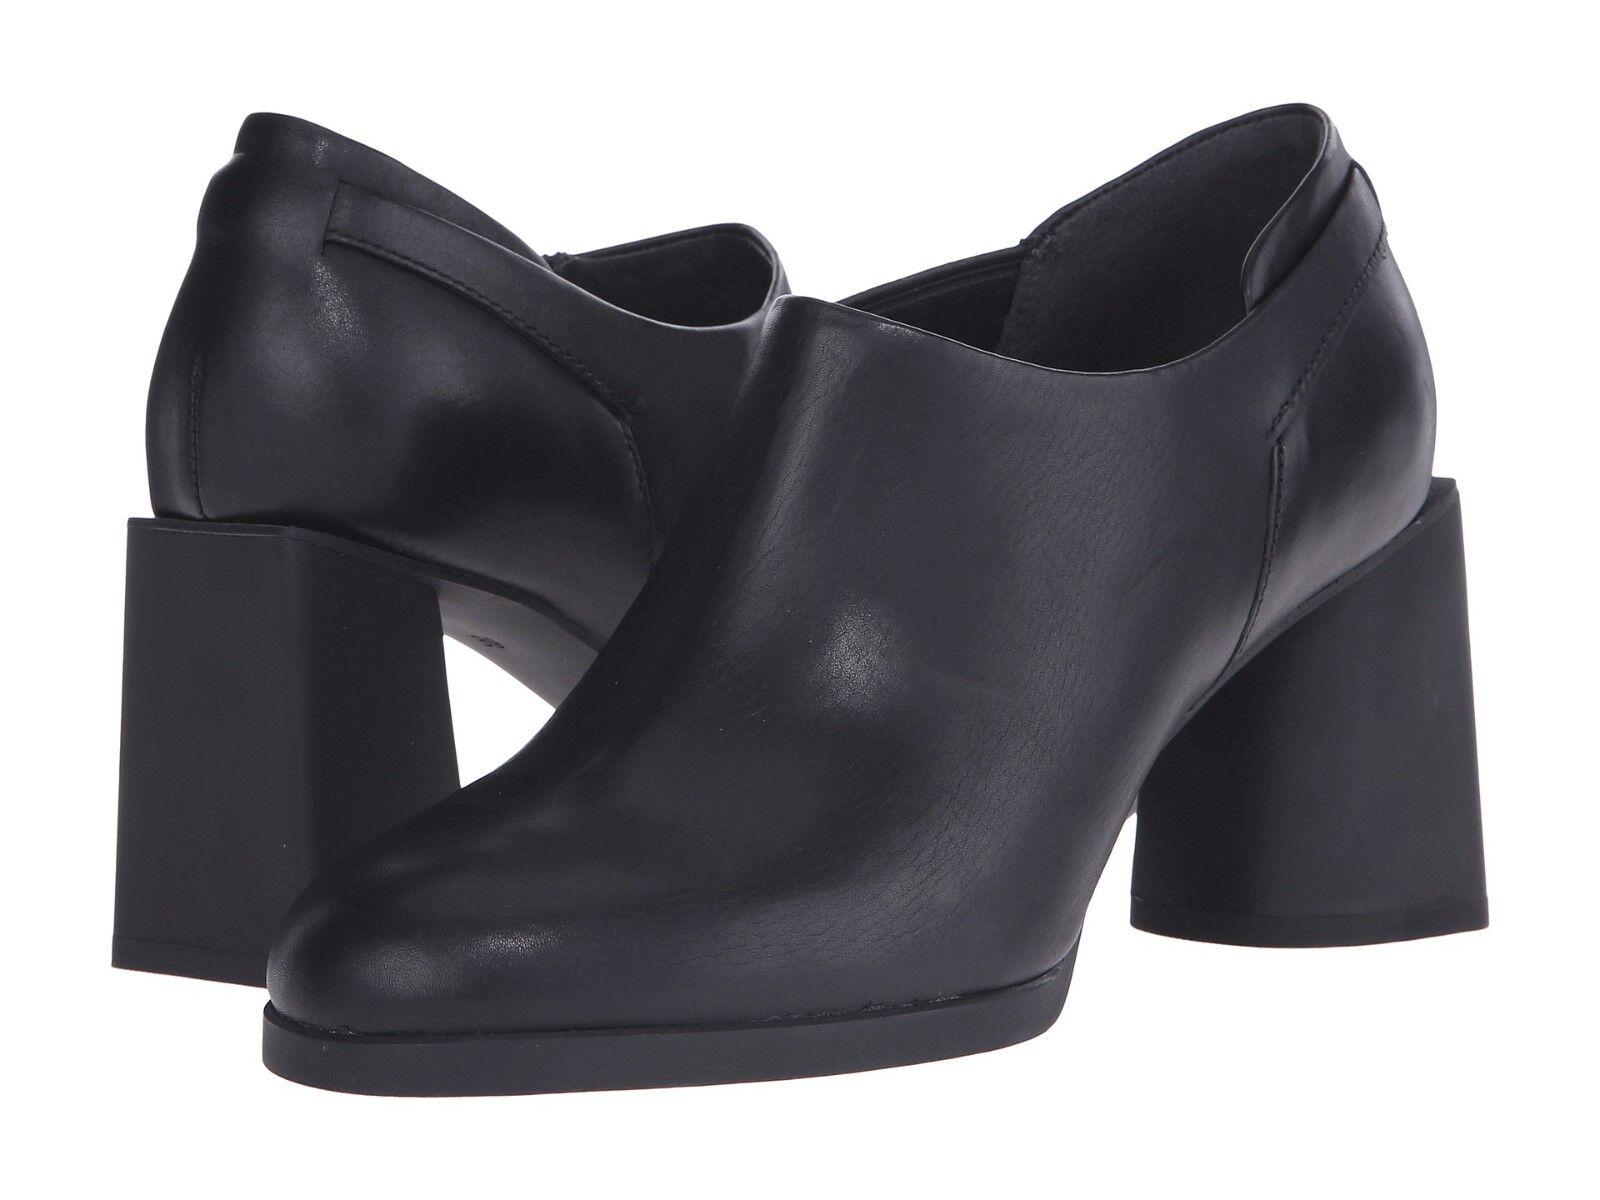 Camper Lea K200109 Mujer Mujer Mujer botas Zapatos Botines Talla Ue 40 , Us 10 (para Us 9)  Descuento del 70% barato